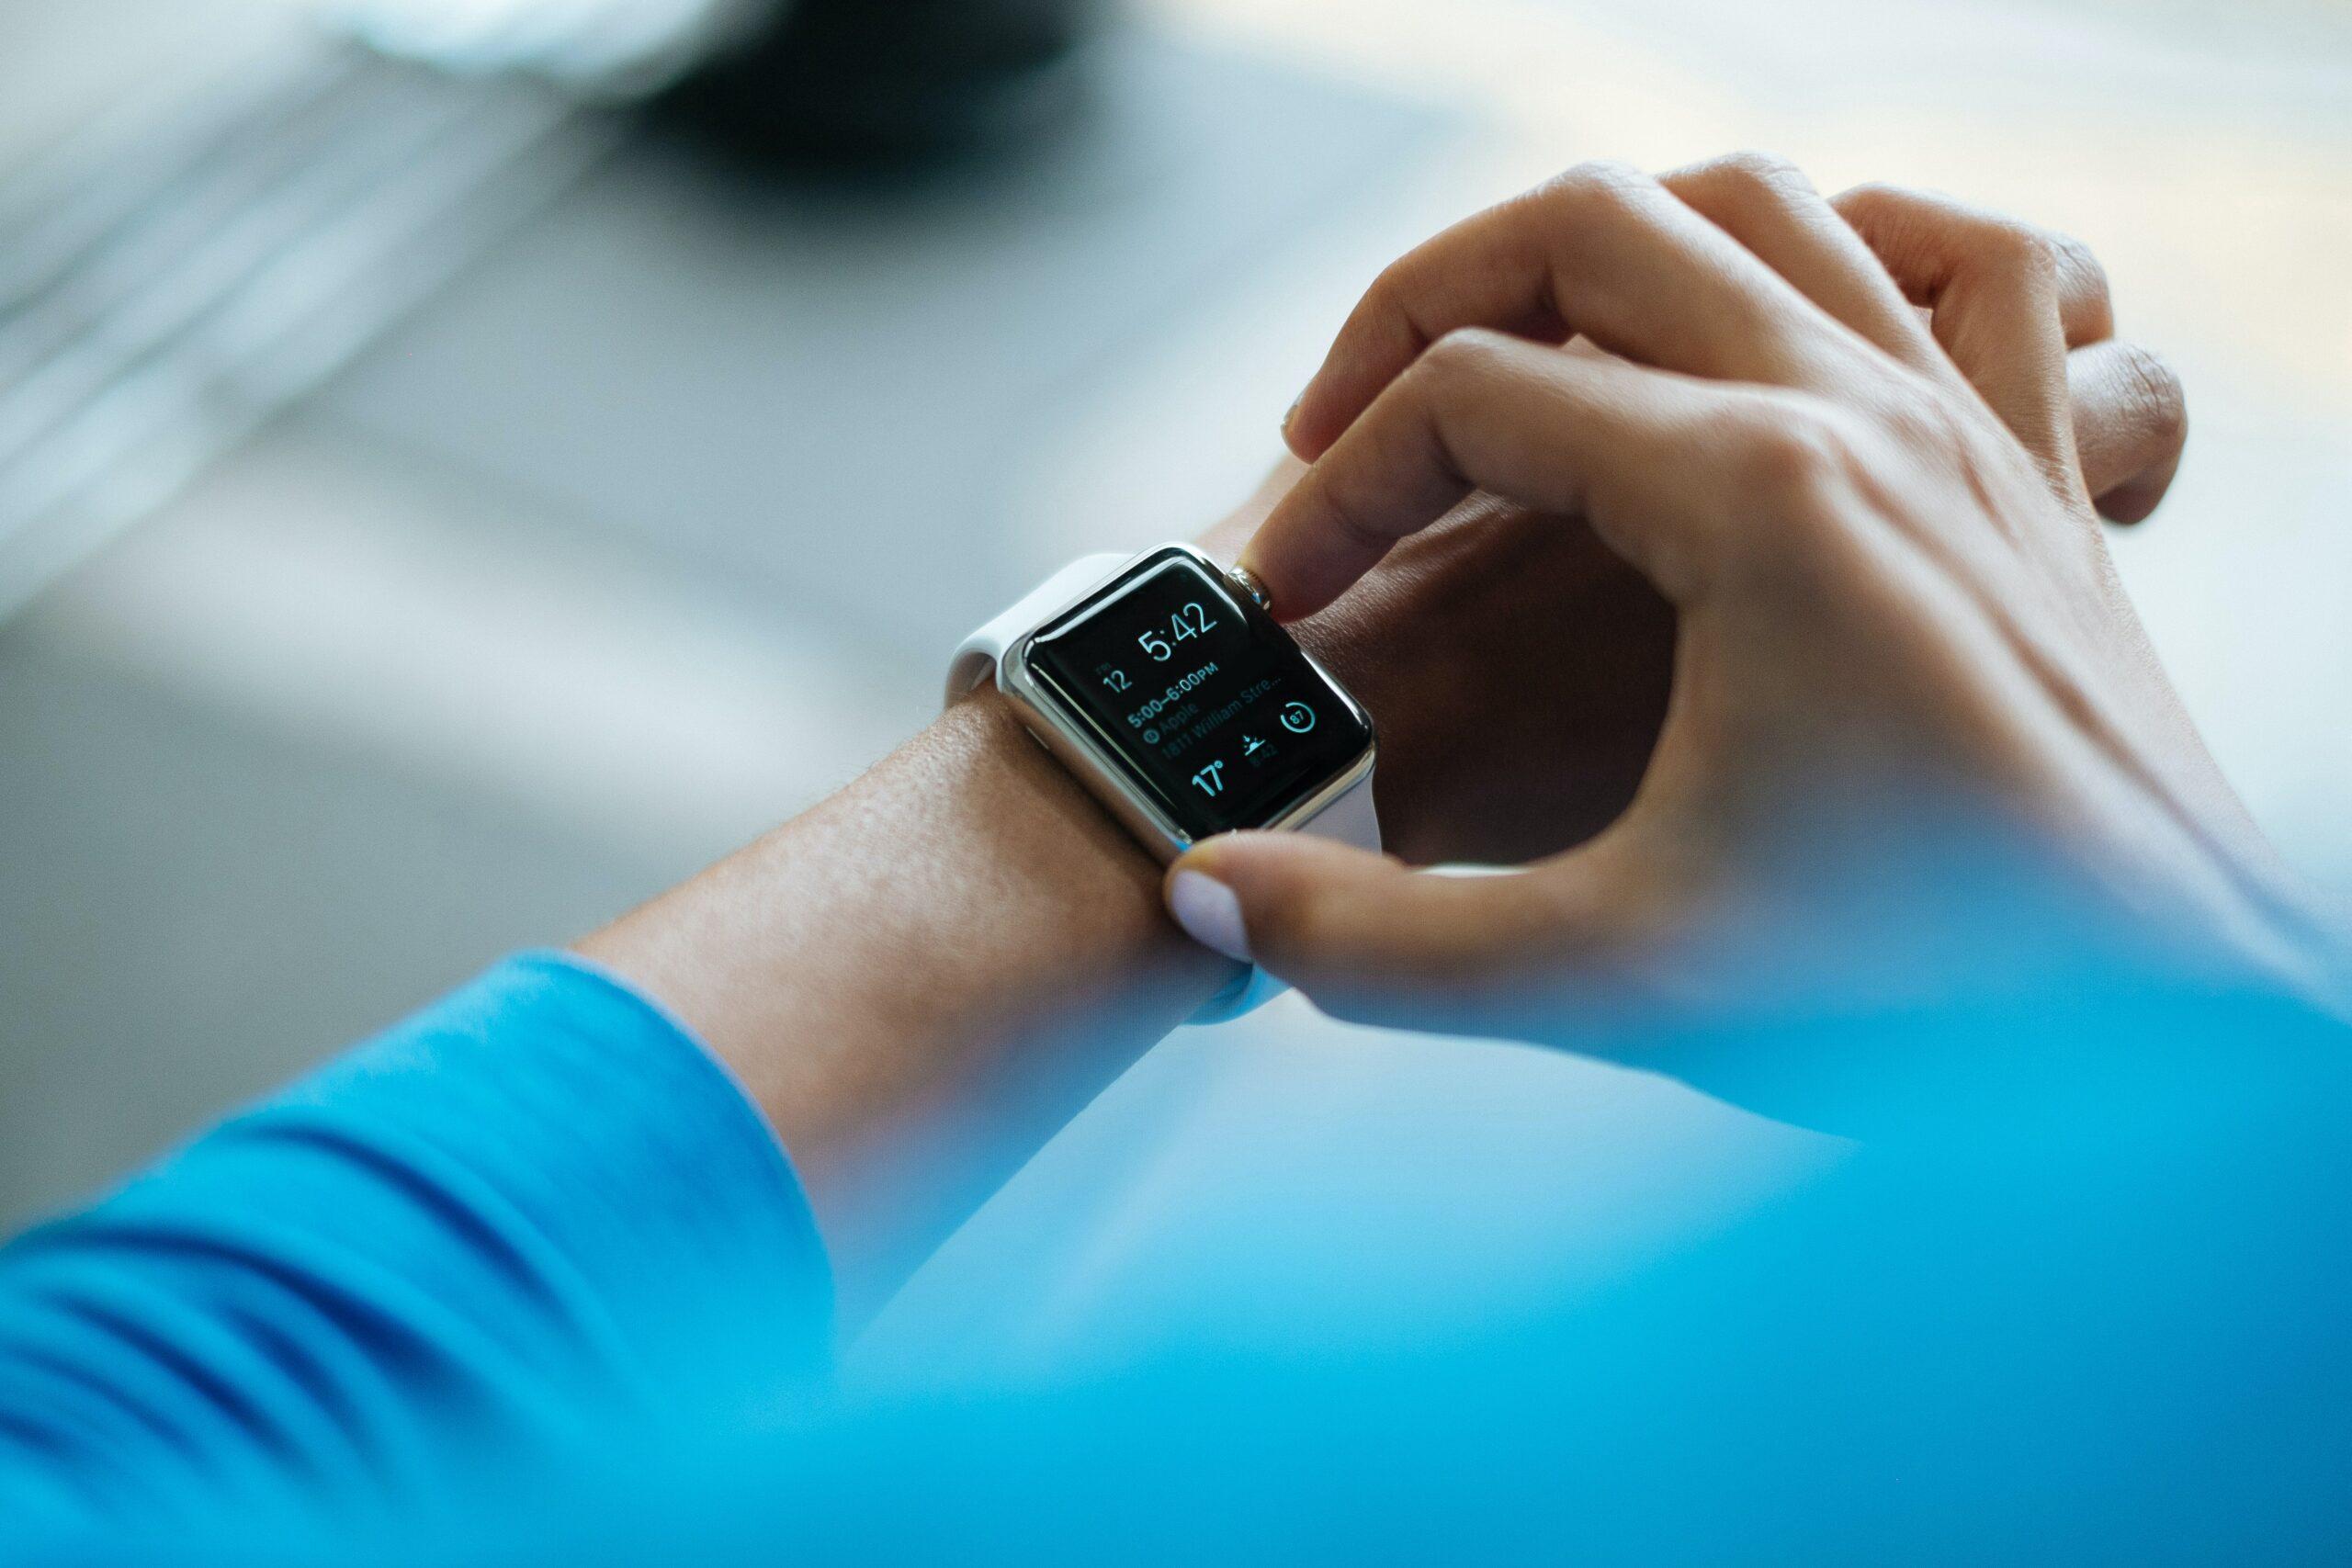 smartwatch activity tracker Sportmedisch Centrum Lebbeke iWatch garmin gezondheid